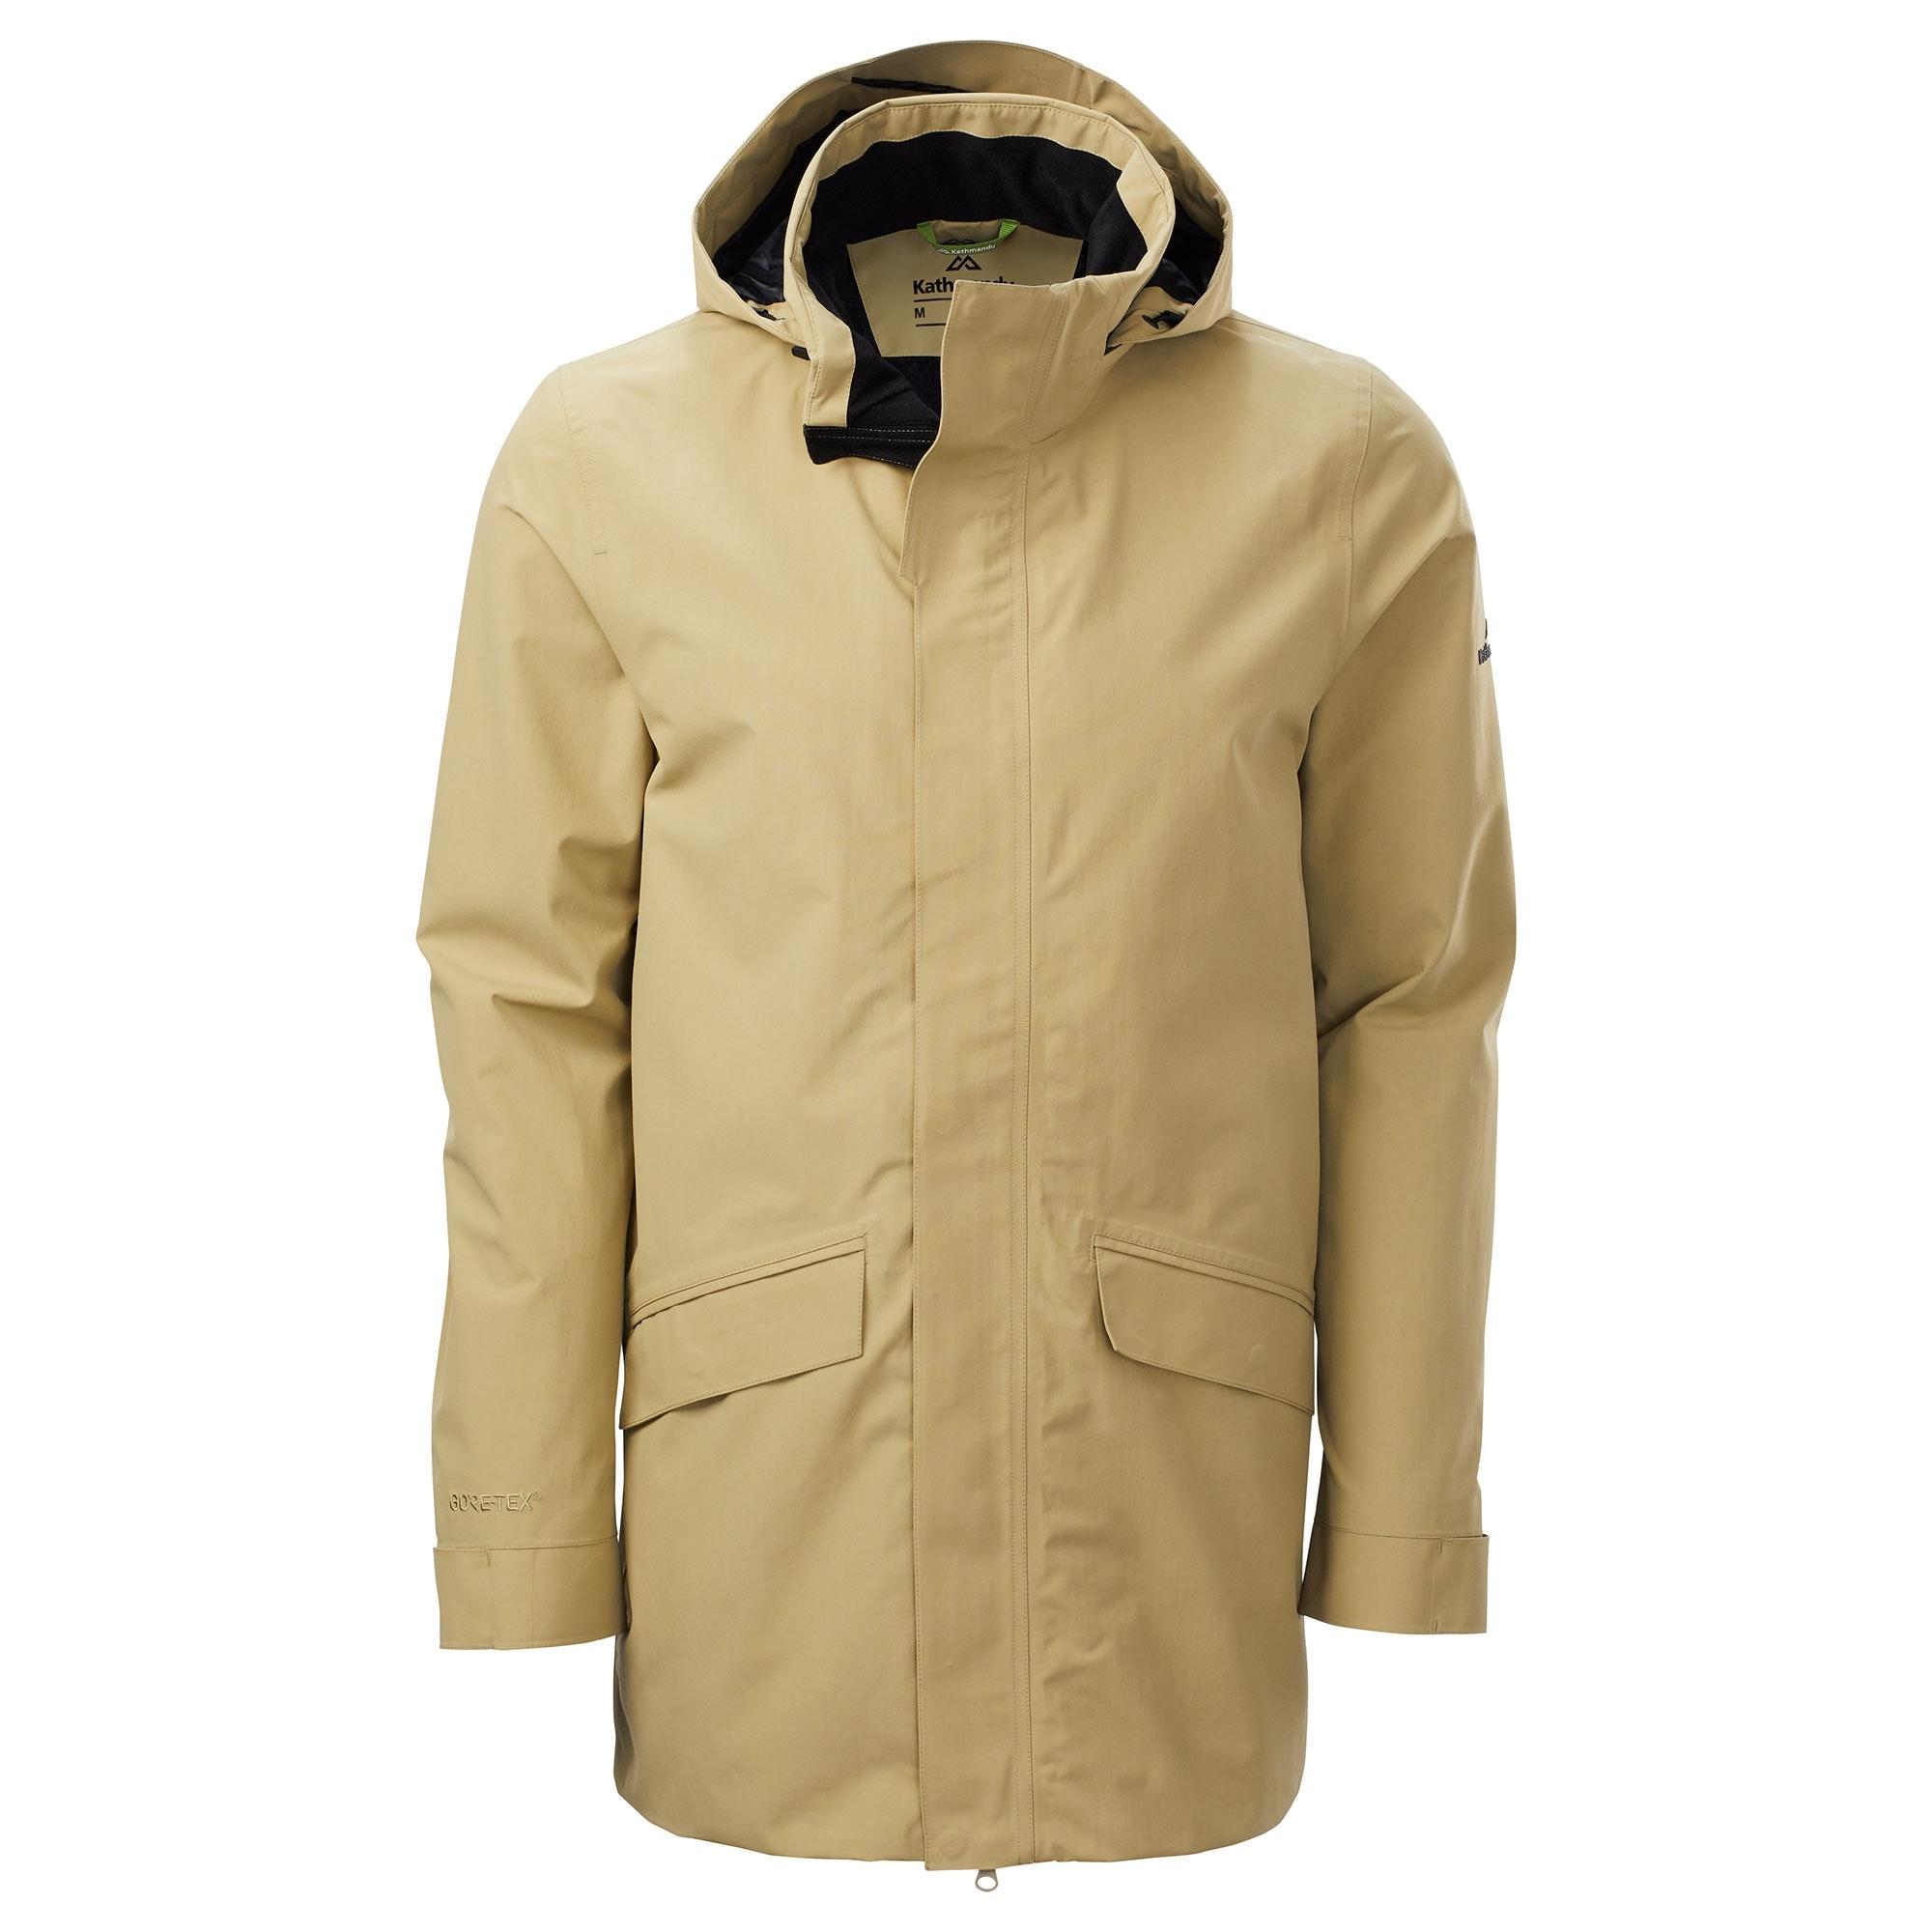 2d9d59623 Altum GORE-TEX Men's Rain Coat